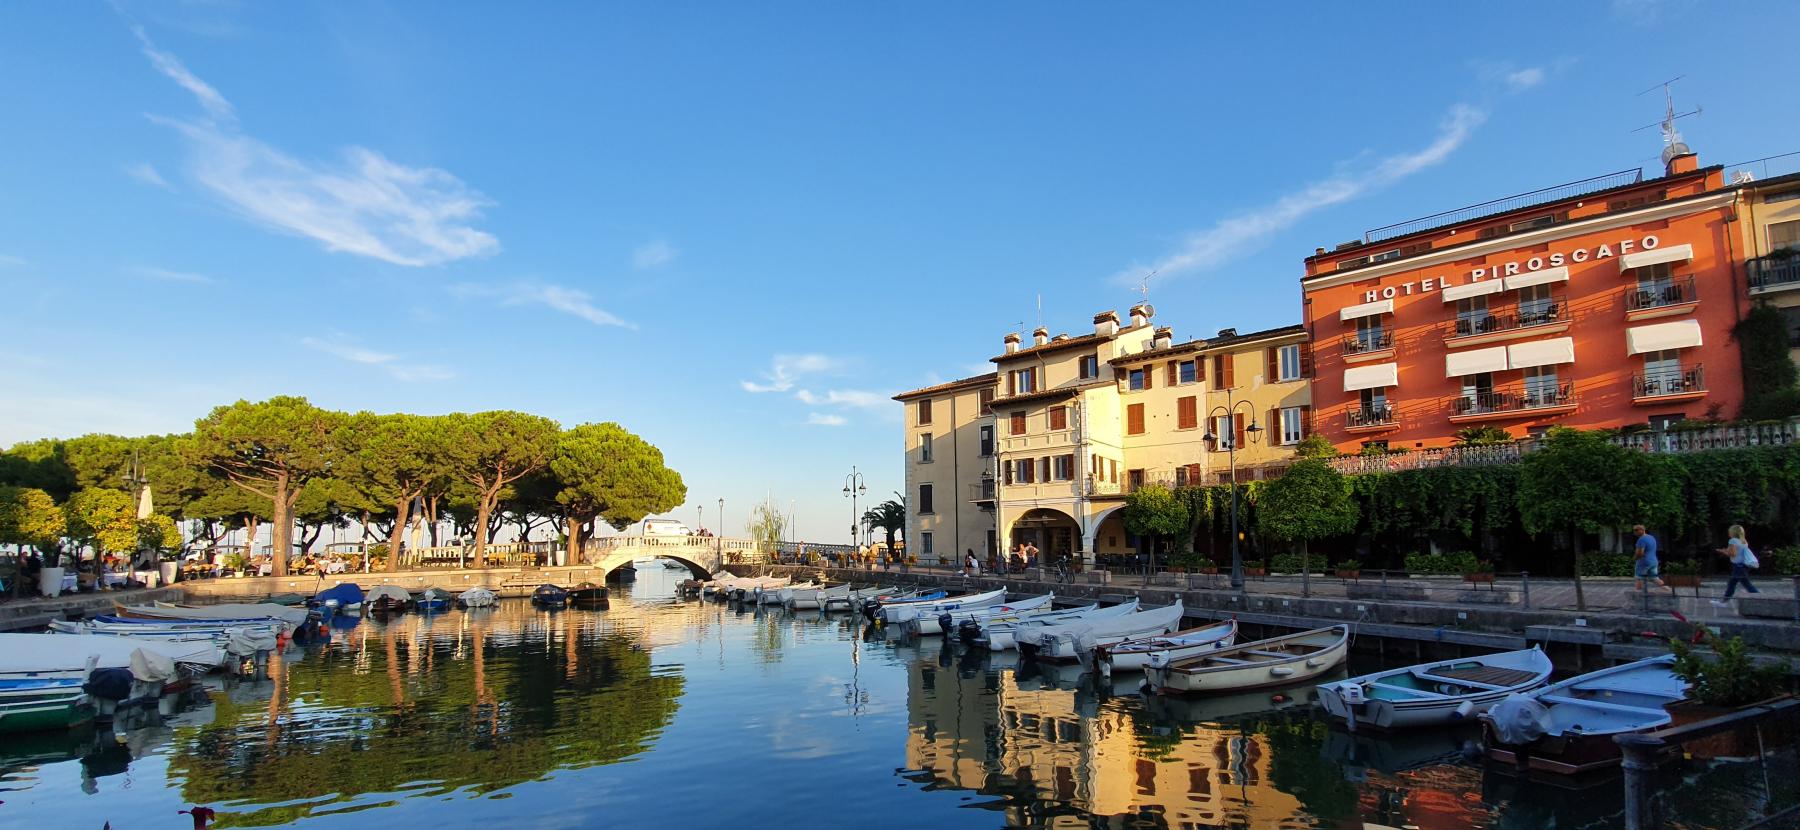 Desenzano, Hotel Piroscafo